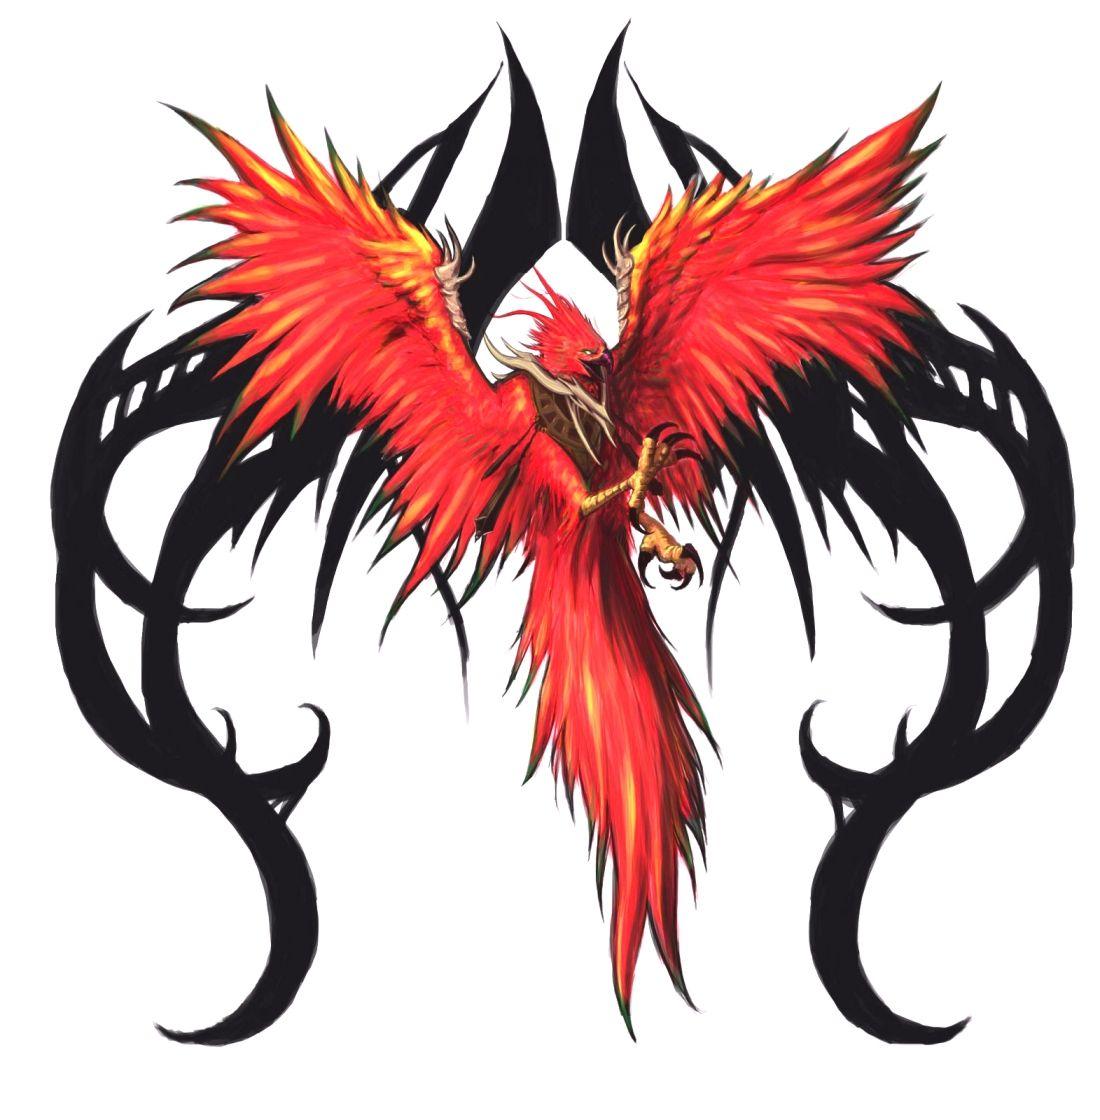 рисунки феникса для татуировок когда возникли категории